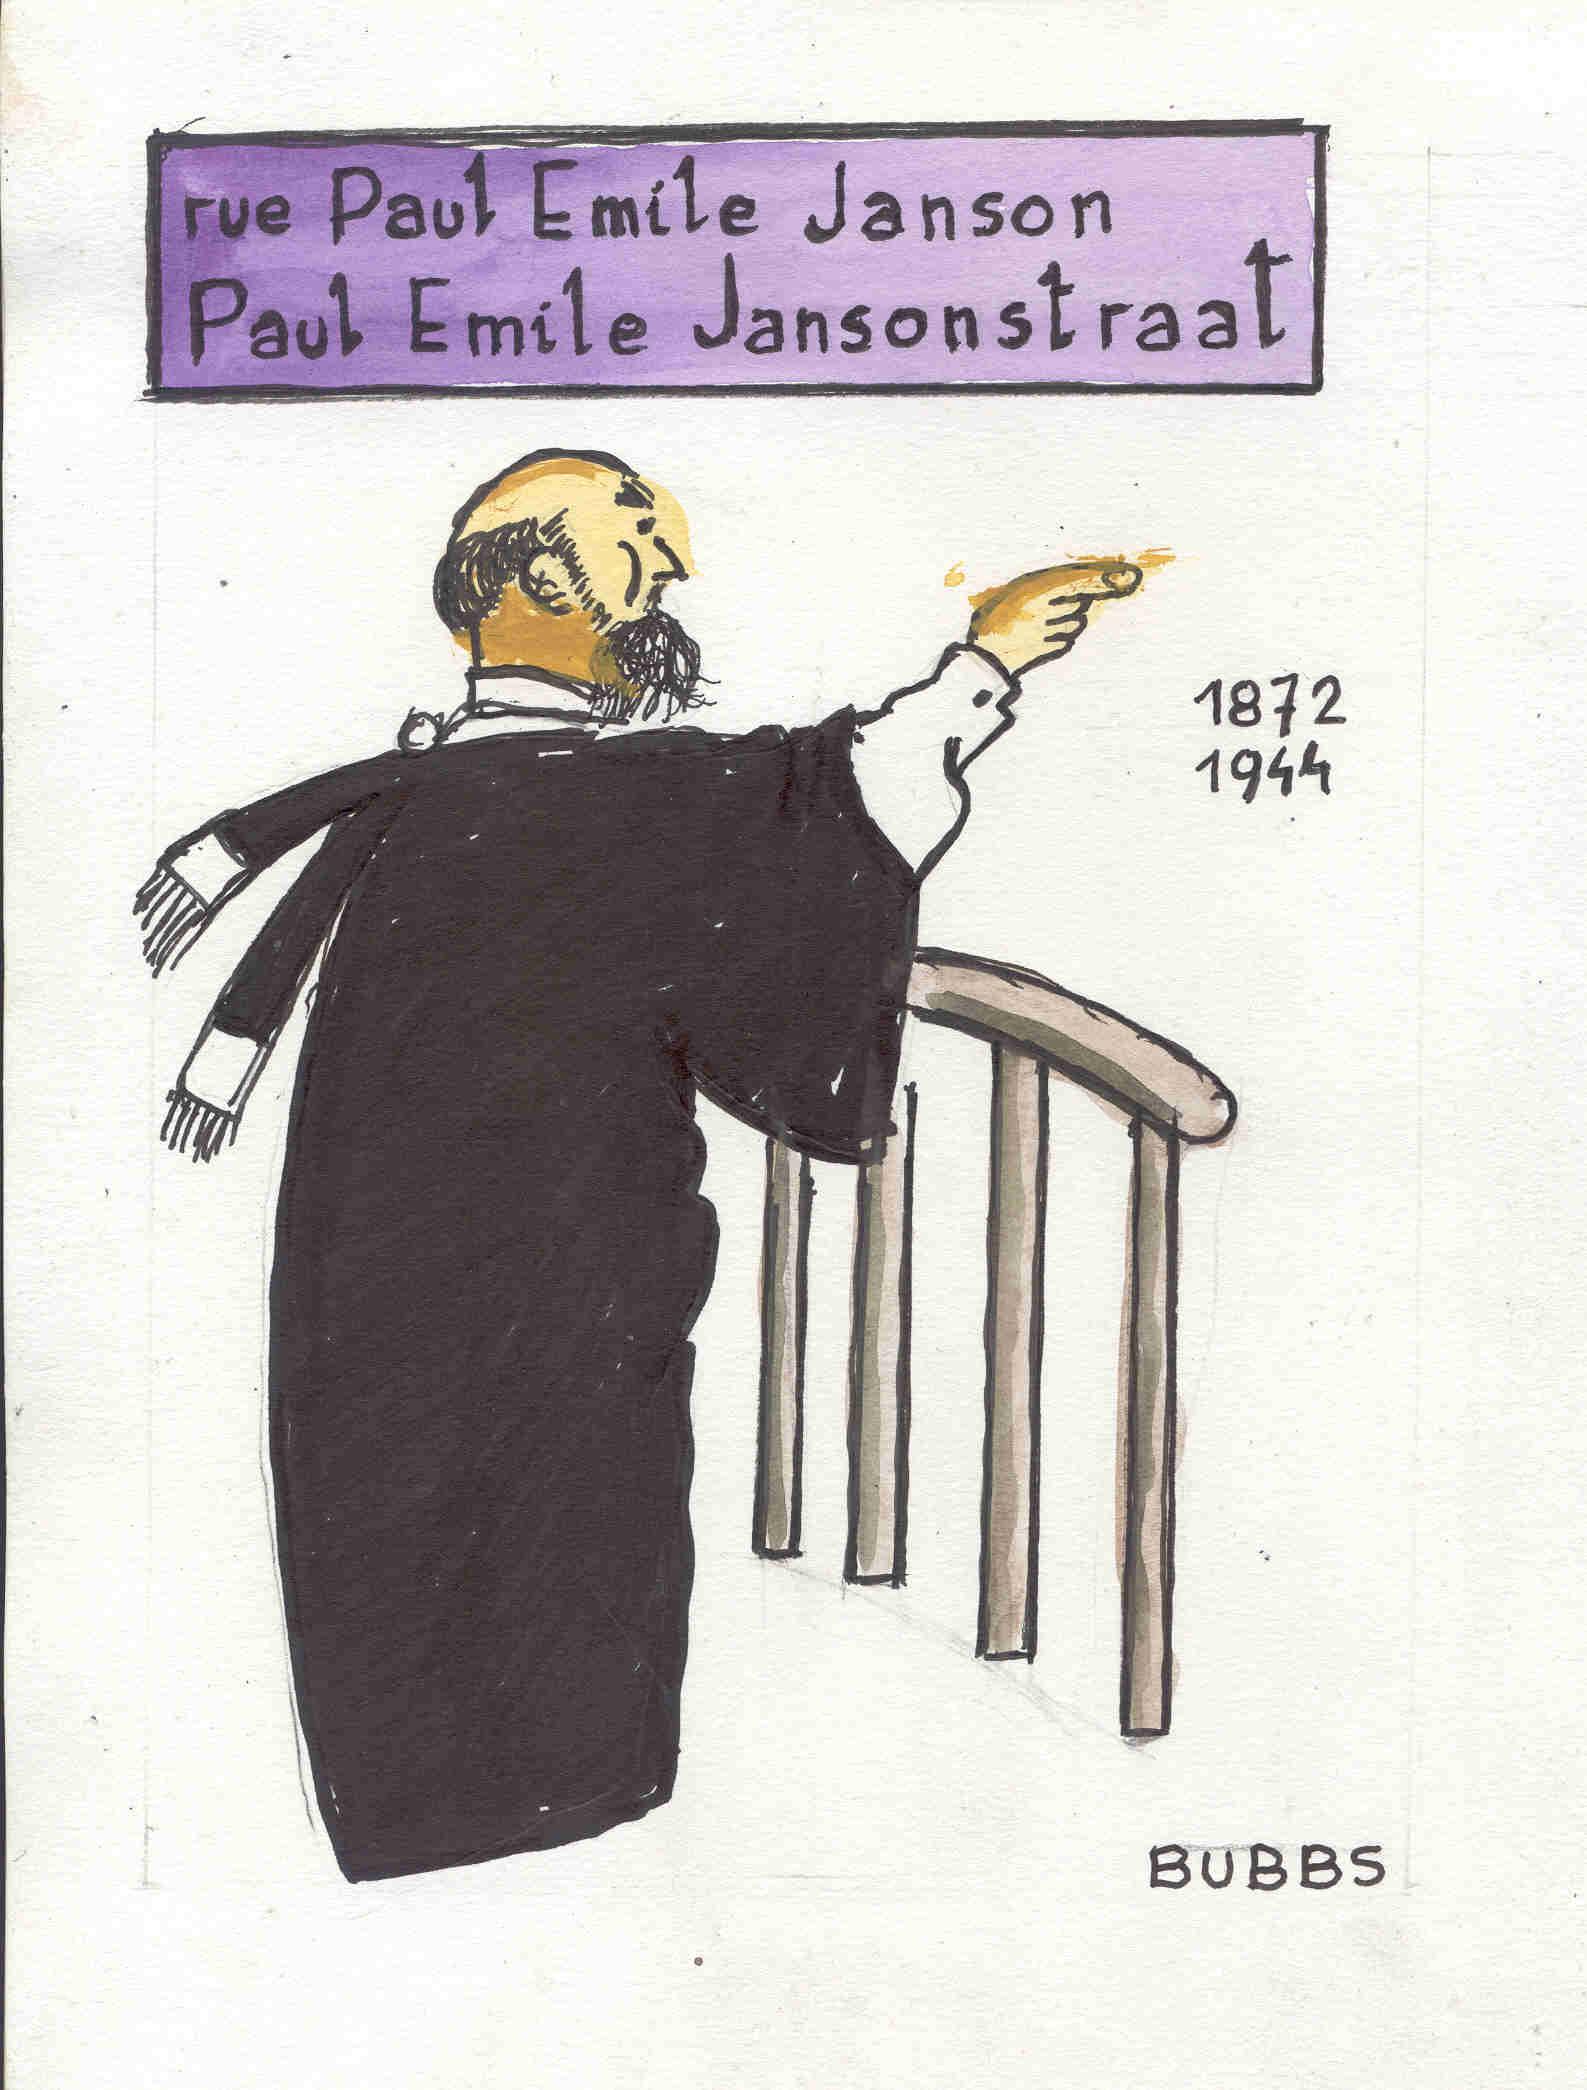 Rue Paul Emile Janson. Bubbs.